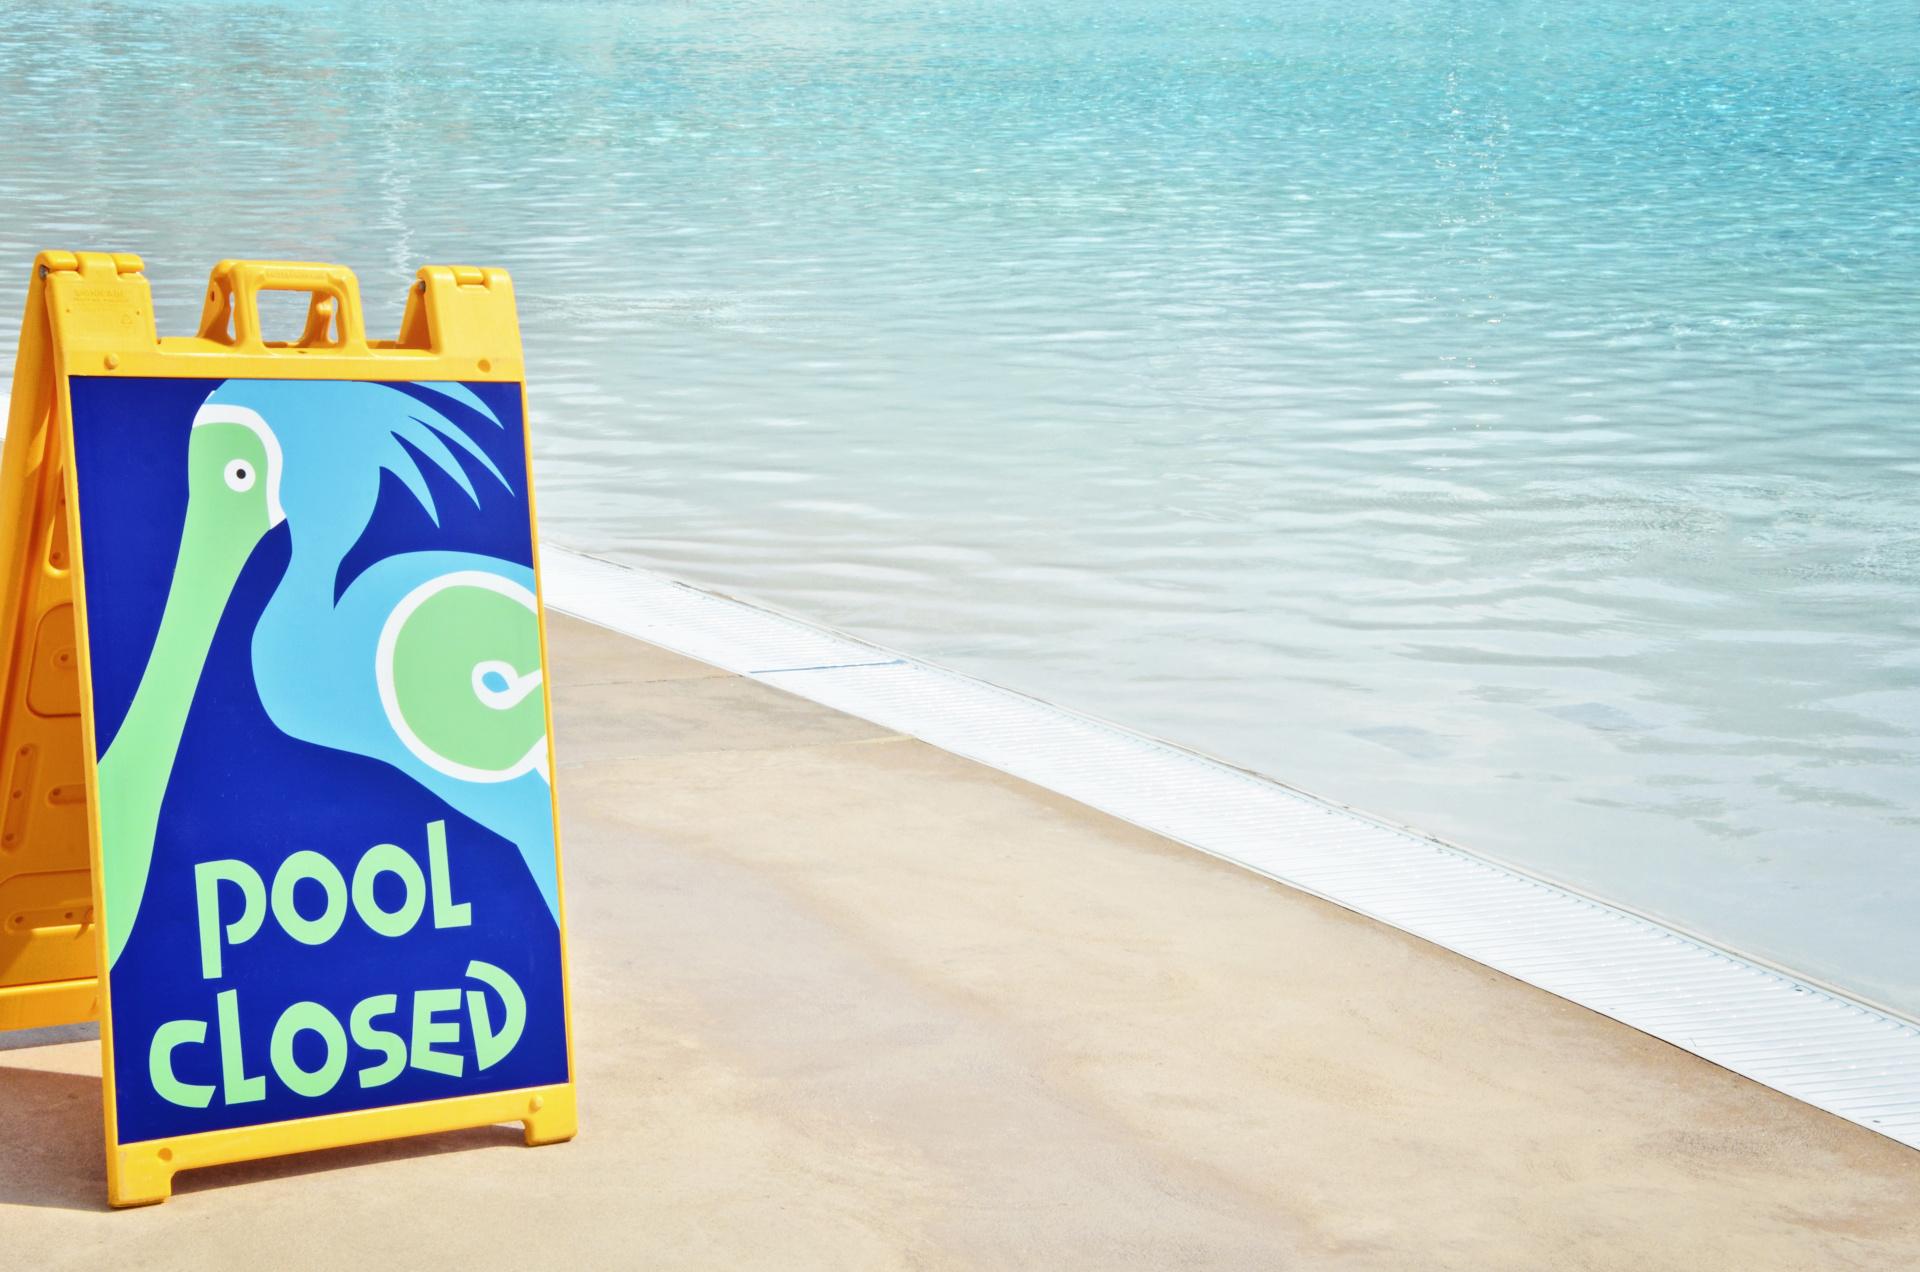 pool-closed-hero